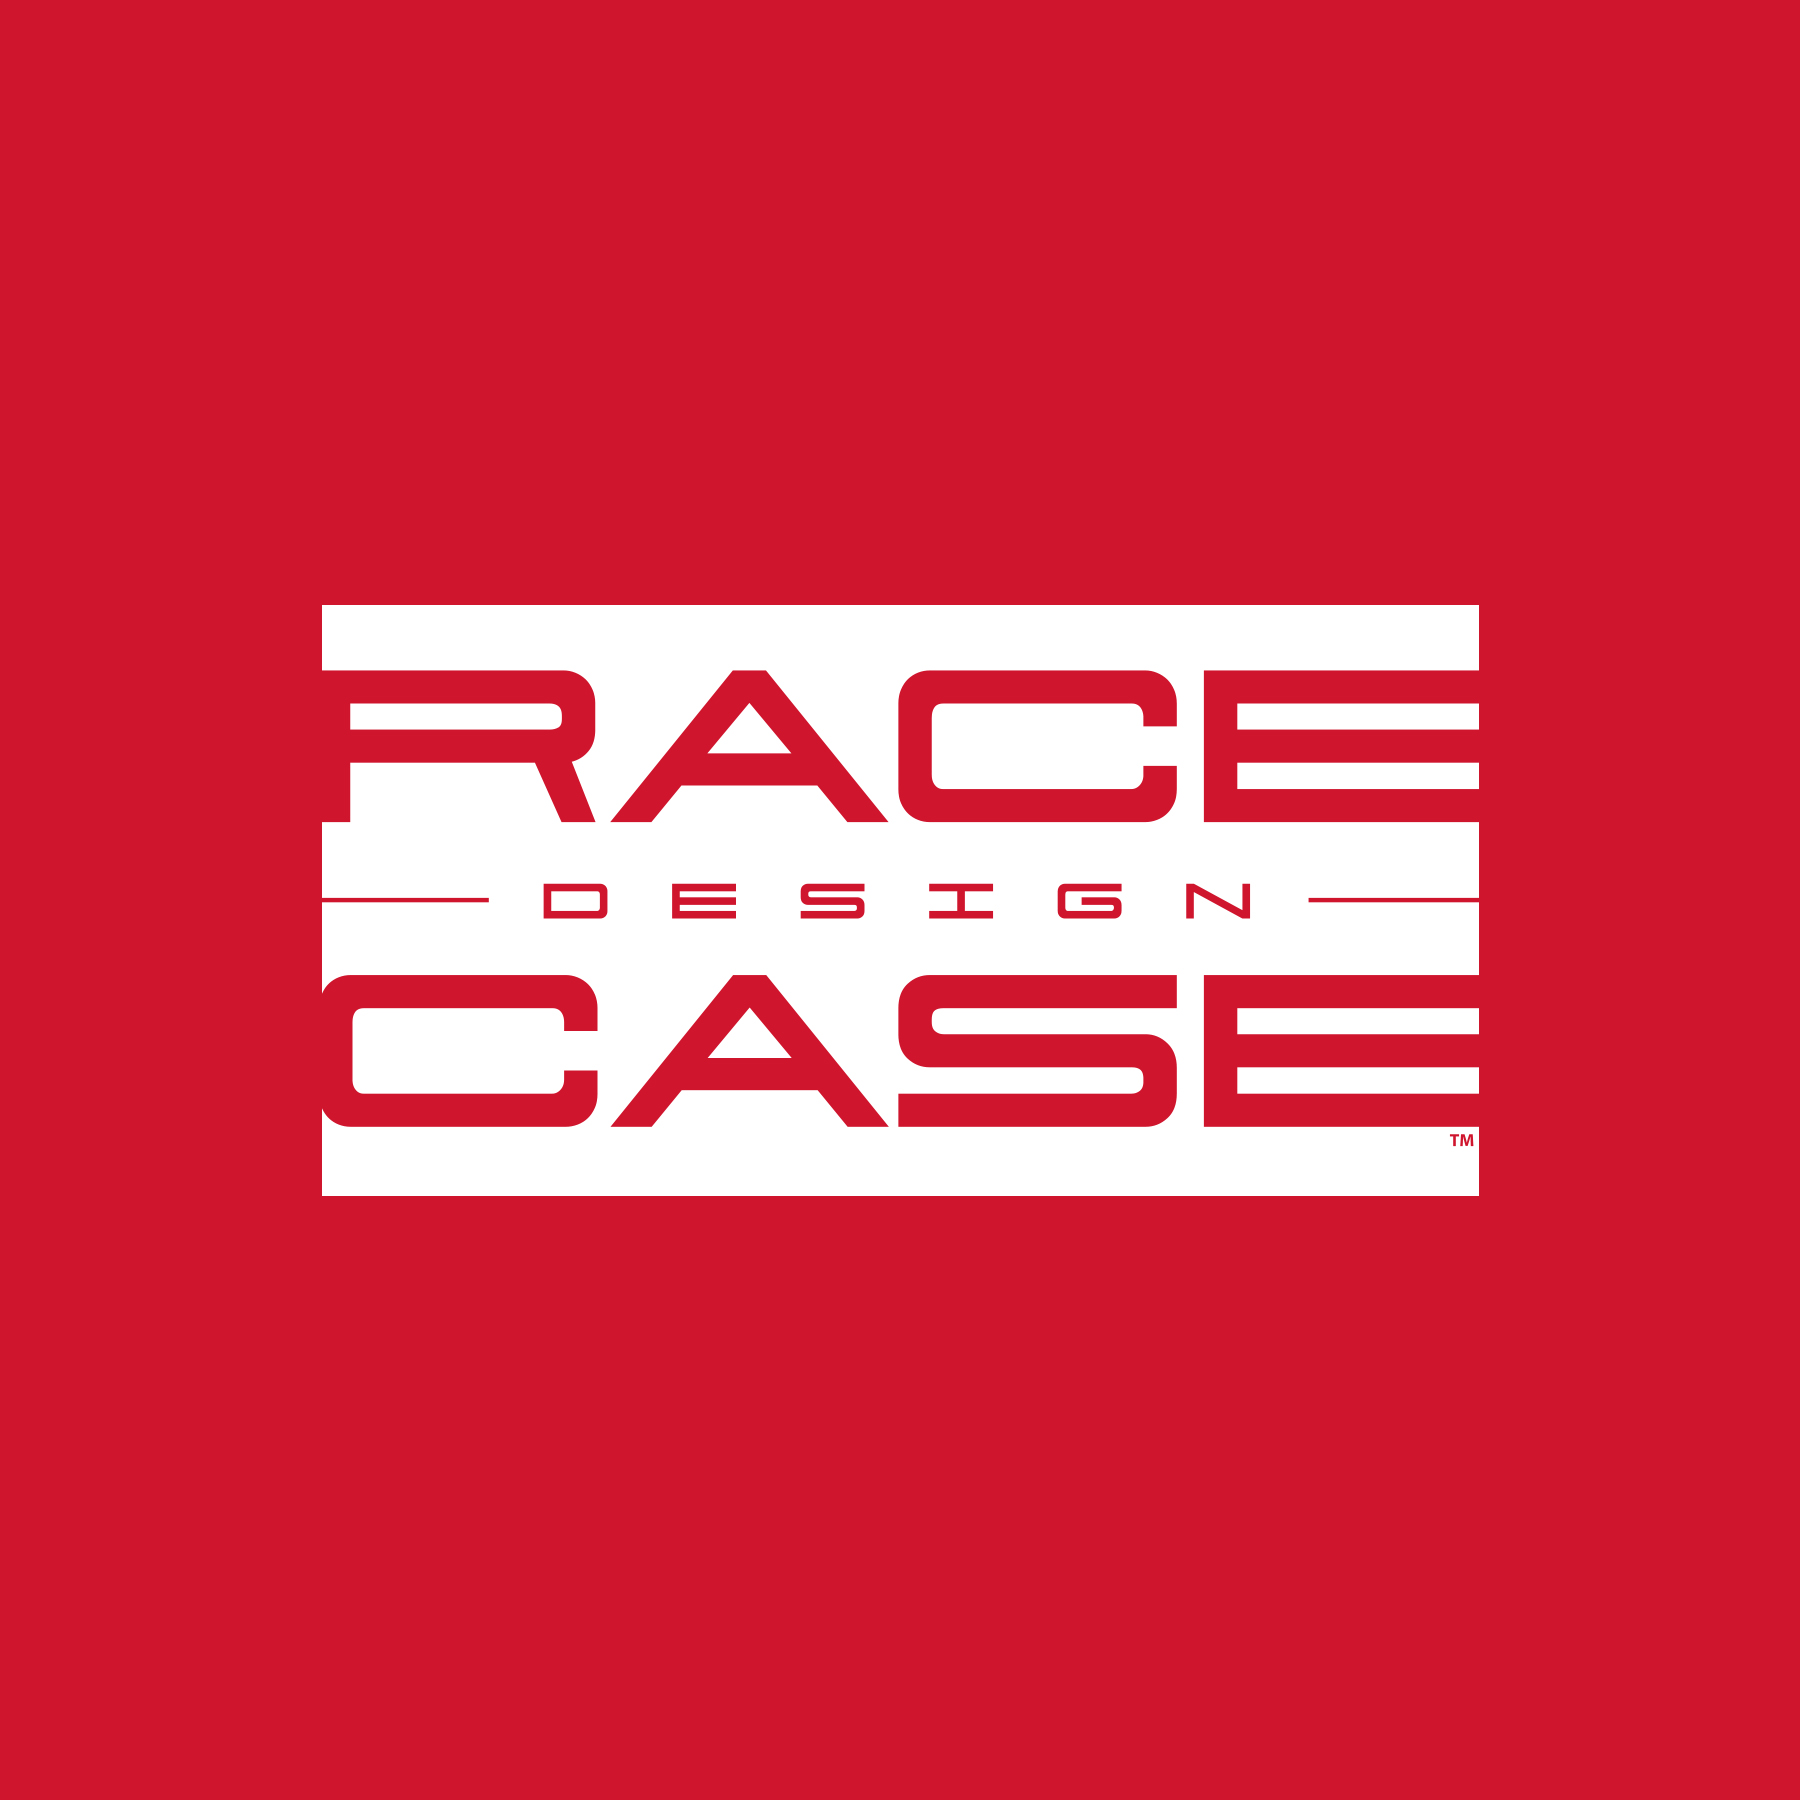 racecase.jpg